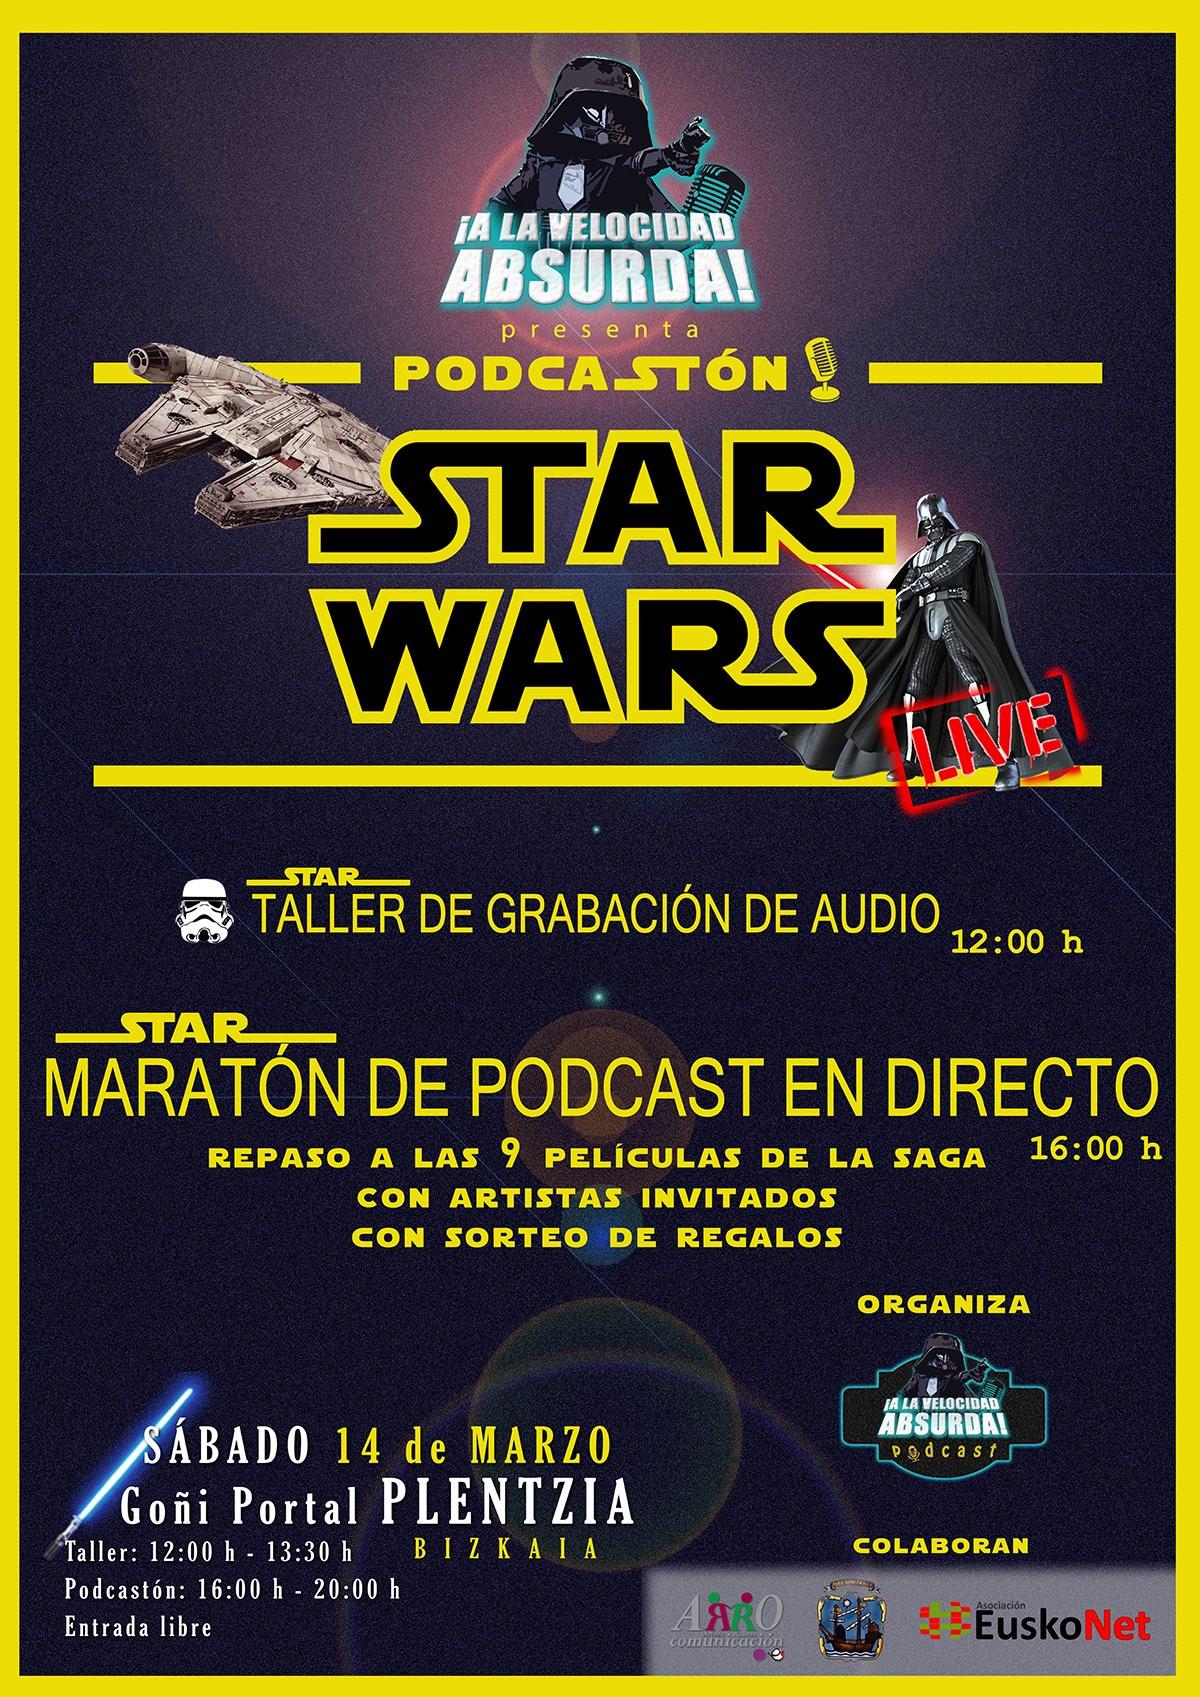 PODCASTÓN Star Wars de ¡A la Velocidad Absurda!